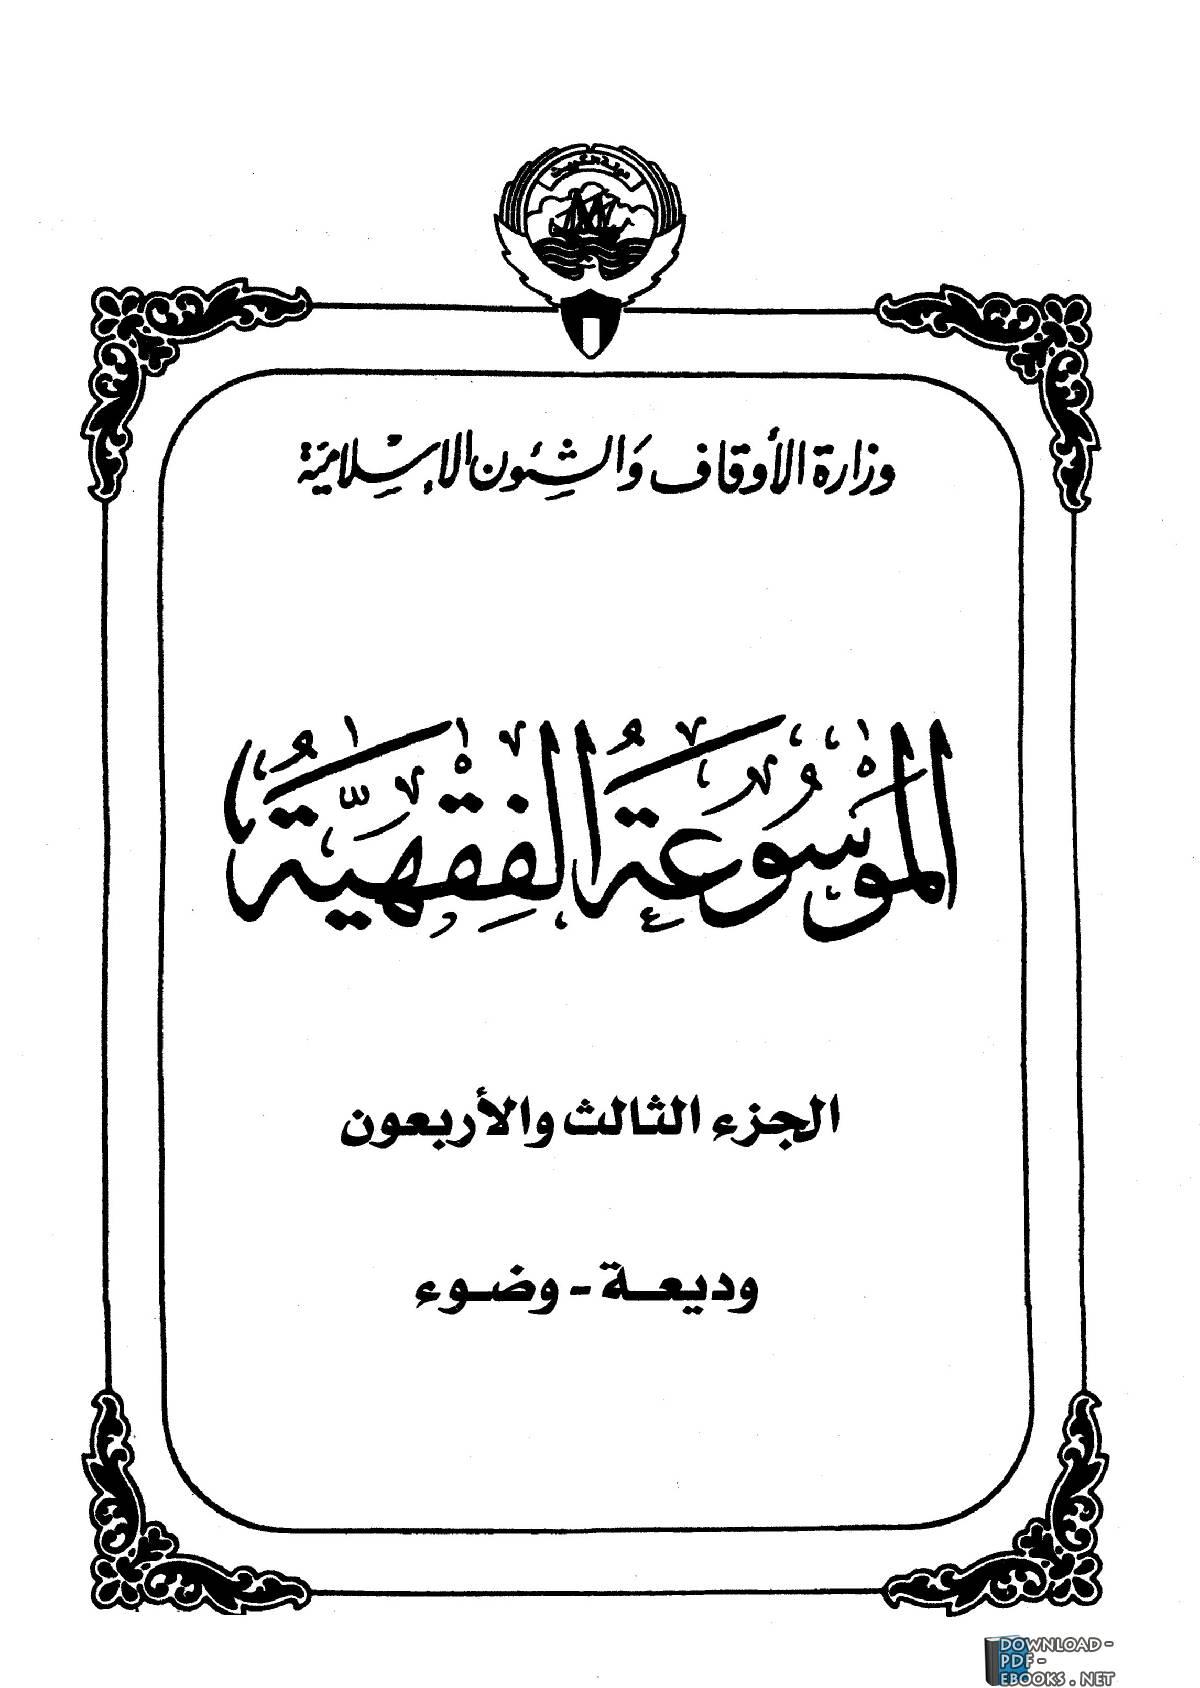 كتاب الموسوعة الفقهية الكويتية- الجزء الثالث والأربعون (وديعة – وضوء)